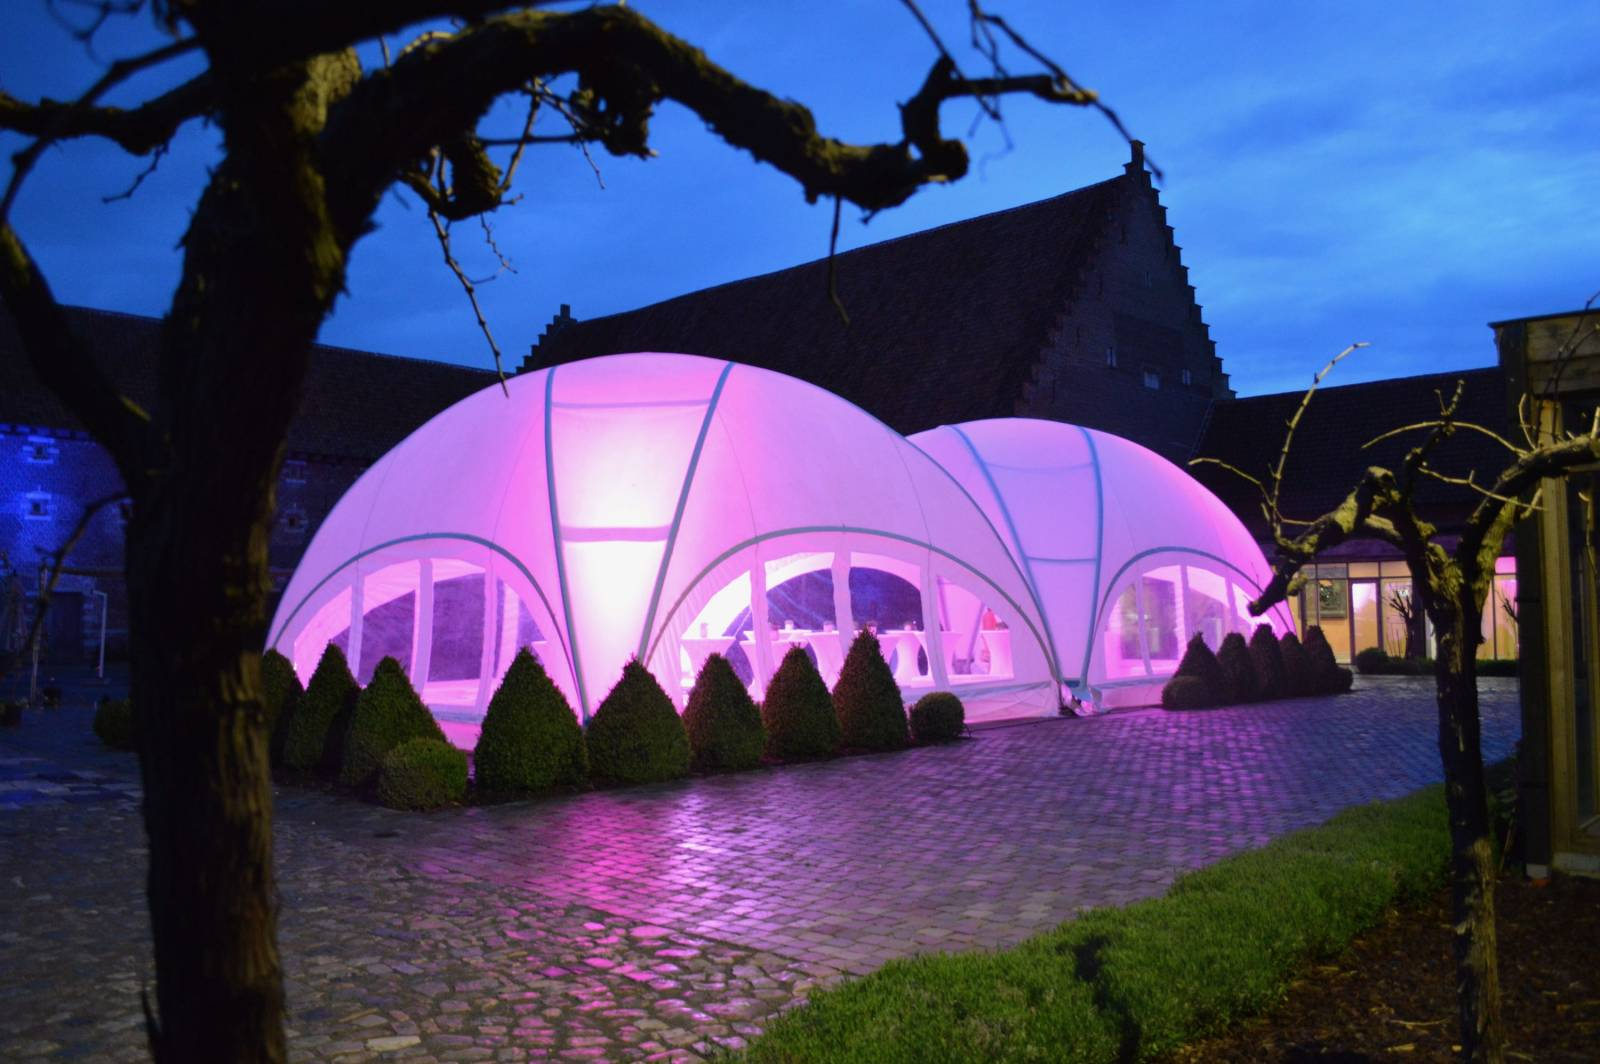 Feestverhuur Van Rompaey - Decoratie - Trouwdecoratie - House of Weddings - 16